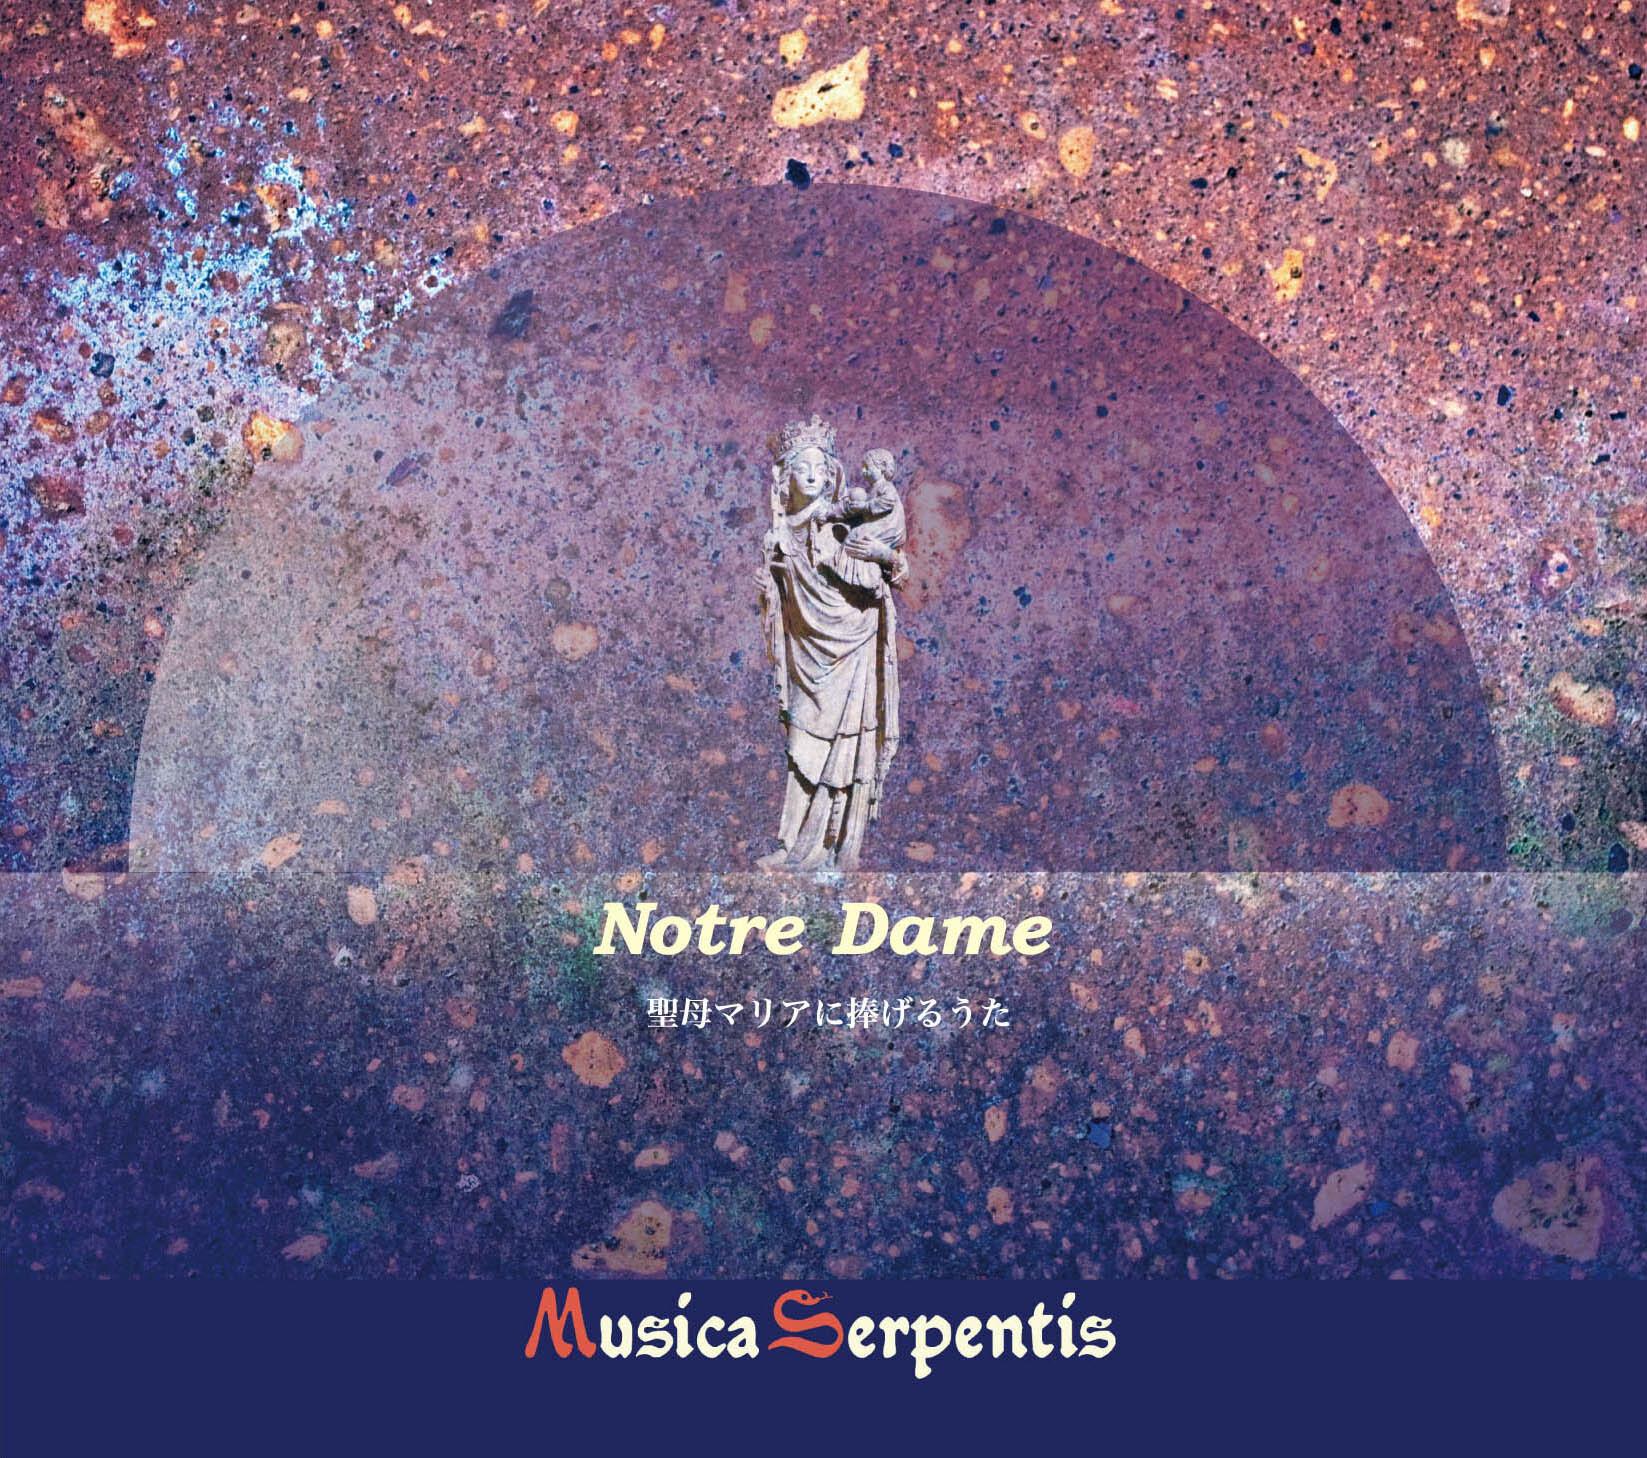 Notre Dame「聖母マリアに捧げるうた」  演奏:ムジカ・セルペンティス 「レコード芸術」3月号 準特選盤